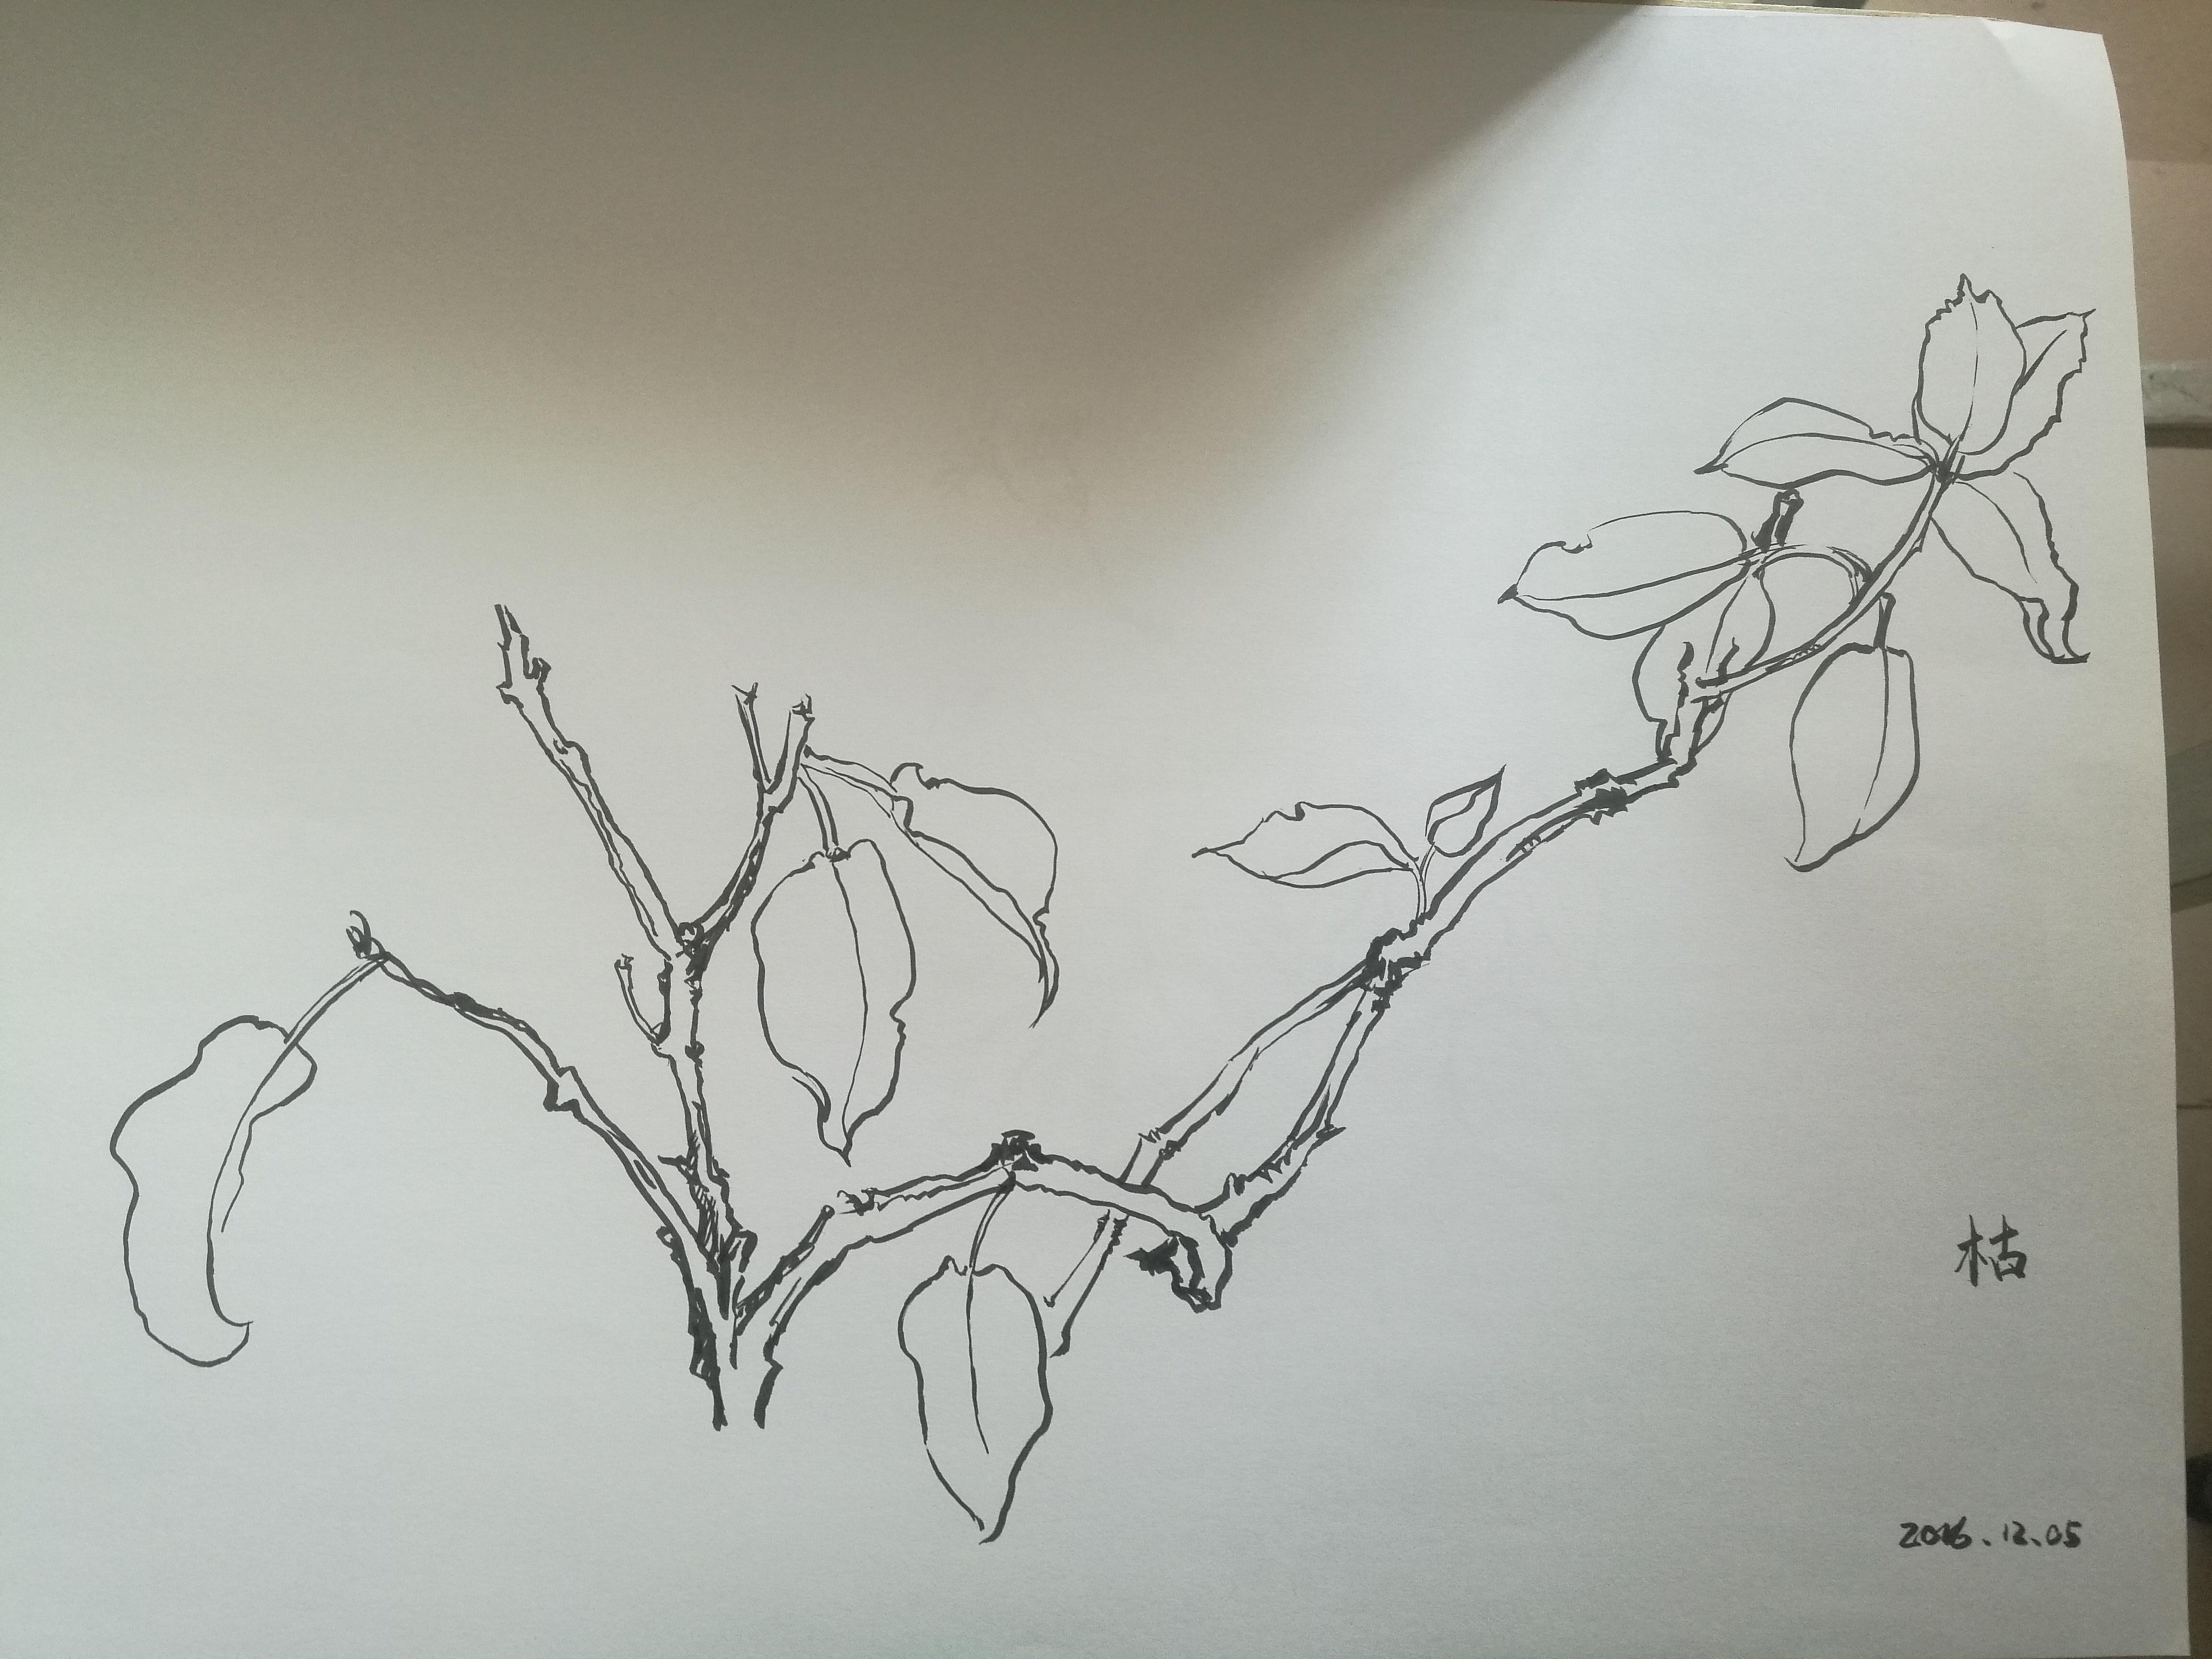 部分考研手绘作品61视觉传达专业|纯艺术|其他艺创